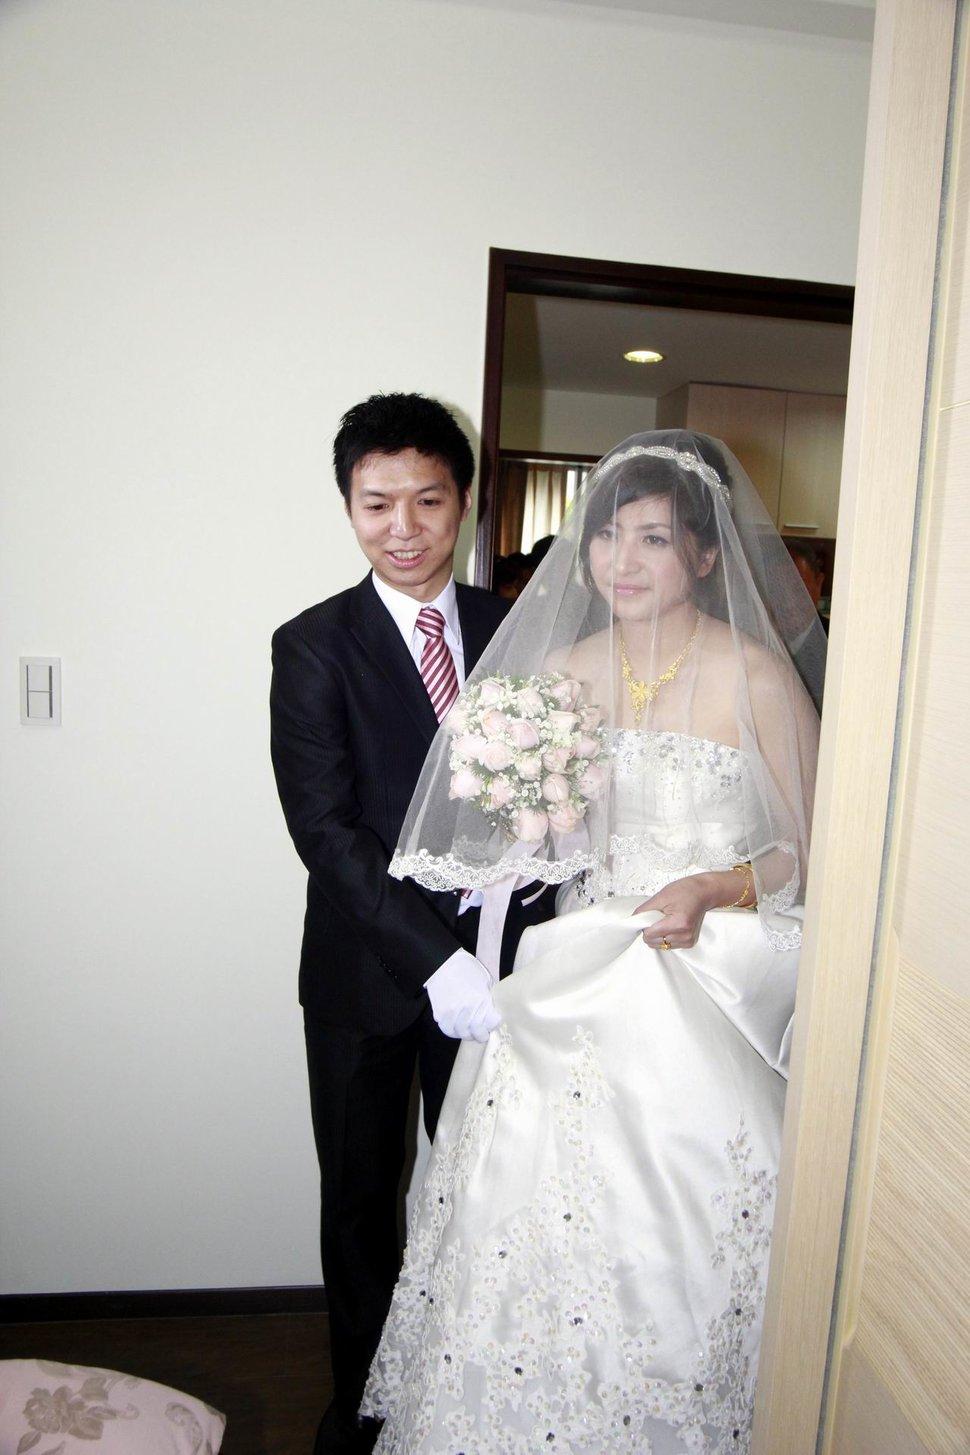 青青食尚花園會館婚禮記錄結婚迎娶婚禮記錄動態微電影錄影專業錄影平面攝影婚紗攝攝影婚禮主持人(編號:196715) - 蜜月拍照10800錄影12800攝影團隊 - 結婚吧